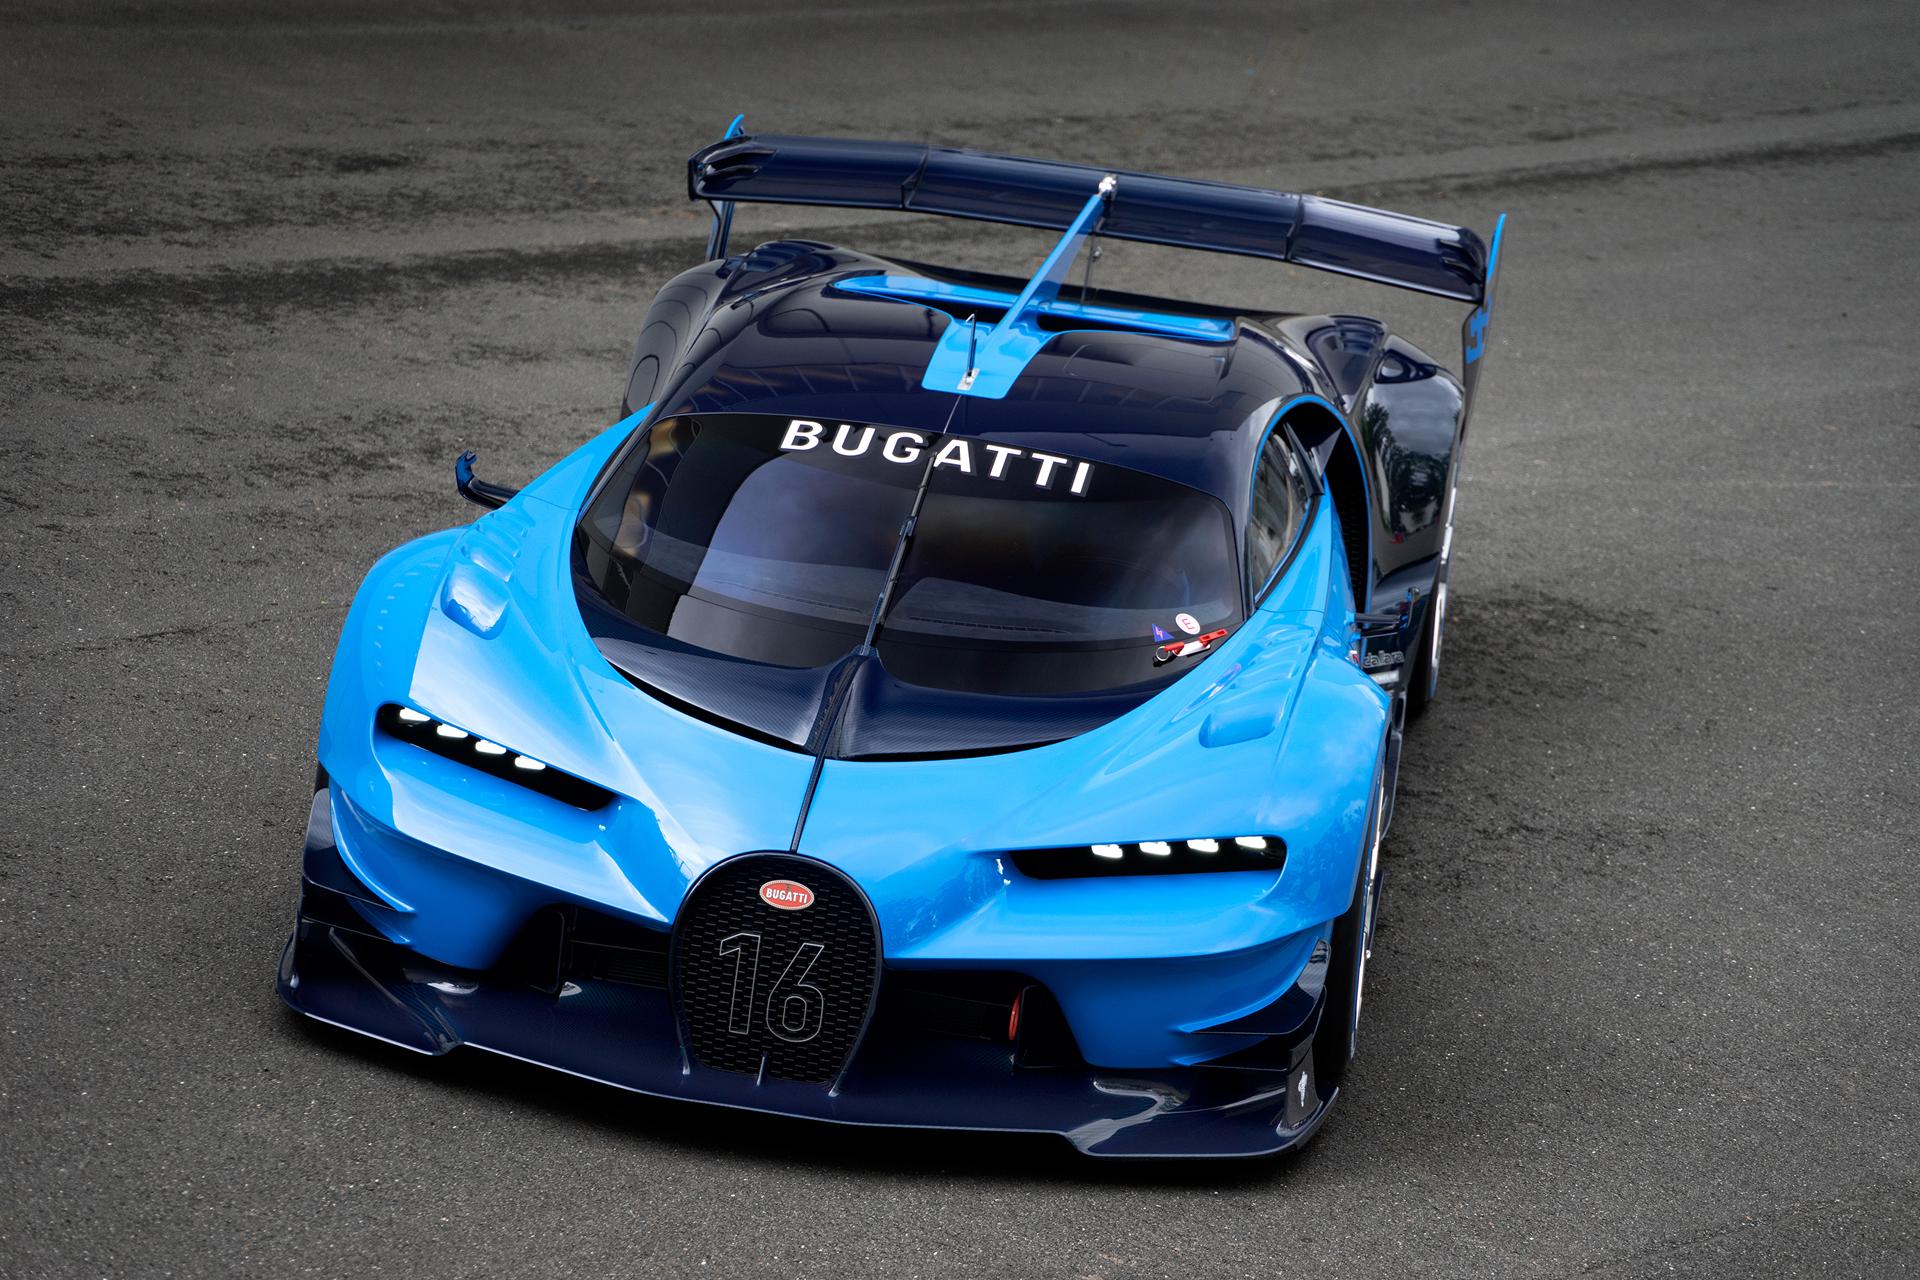 Bugatti_Vision_GranTurismo_reveal_6